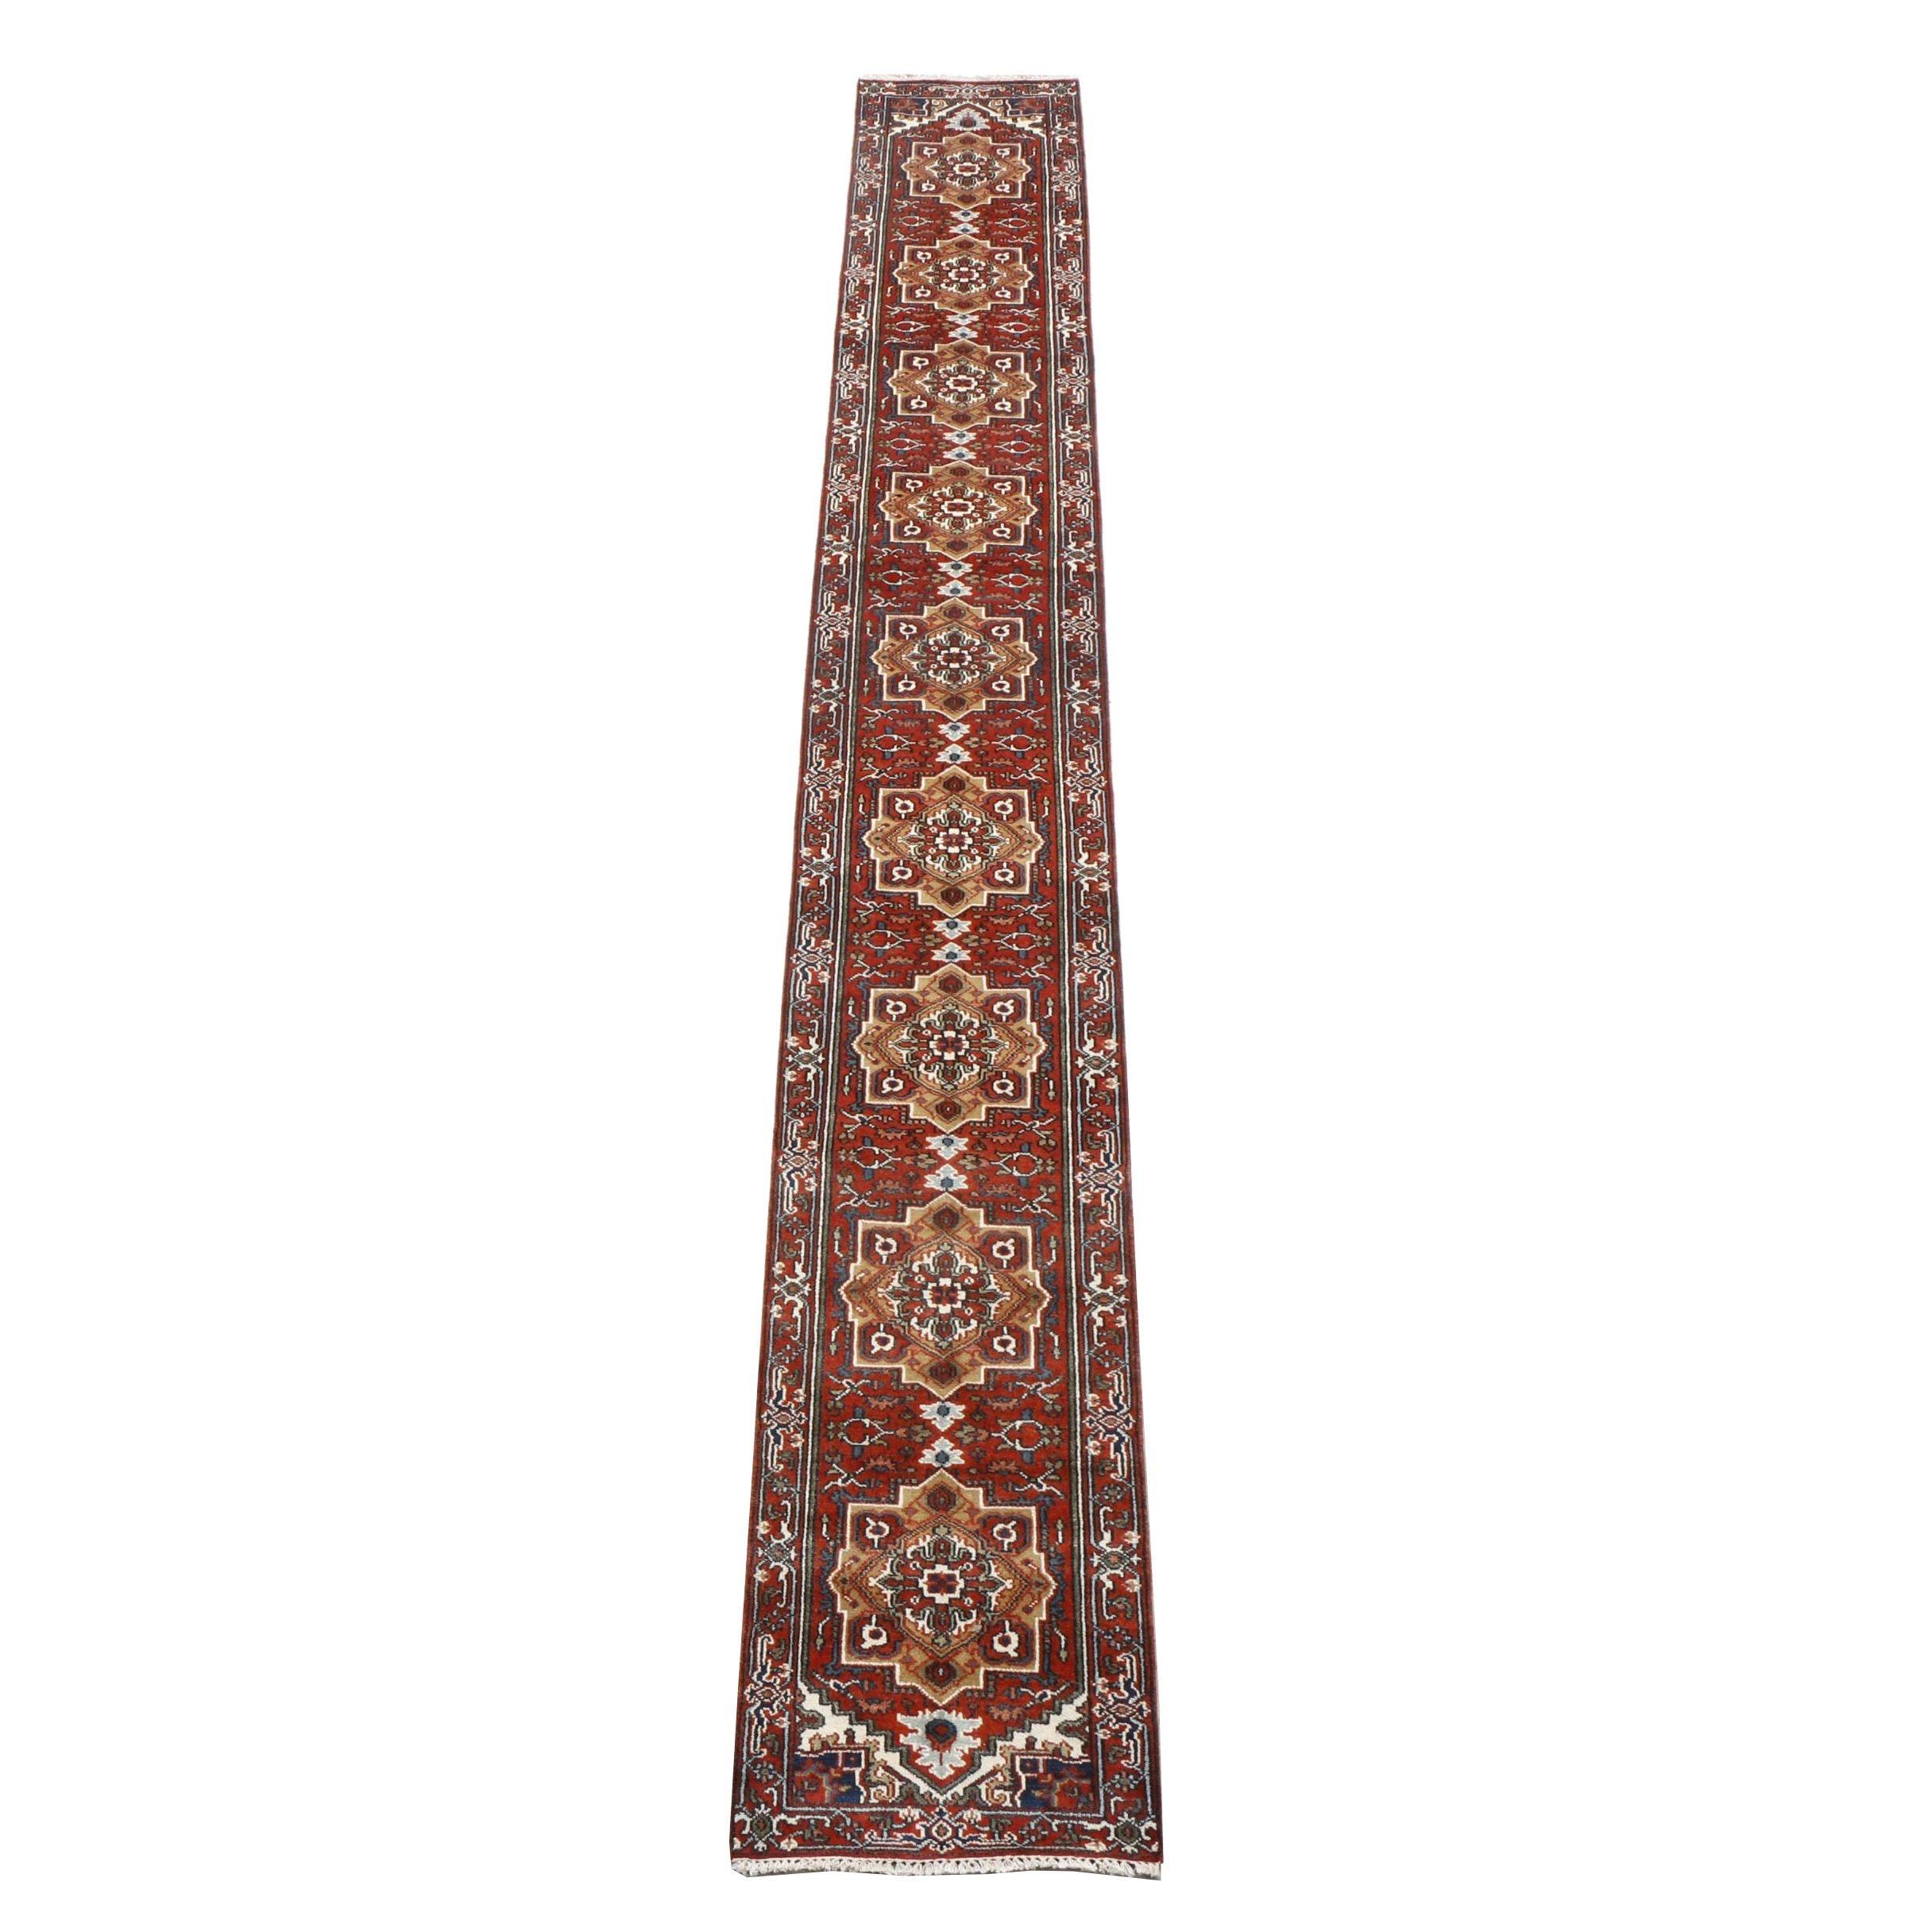 Hand-Knotted Bakhshayesh Heriz Wool Carpet Runner